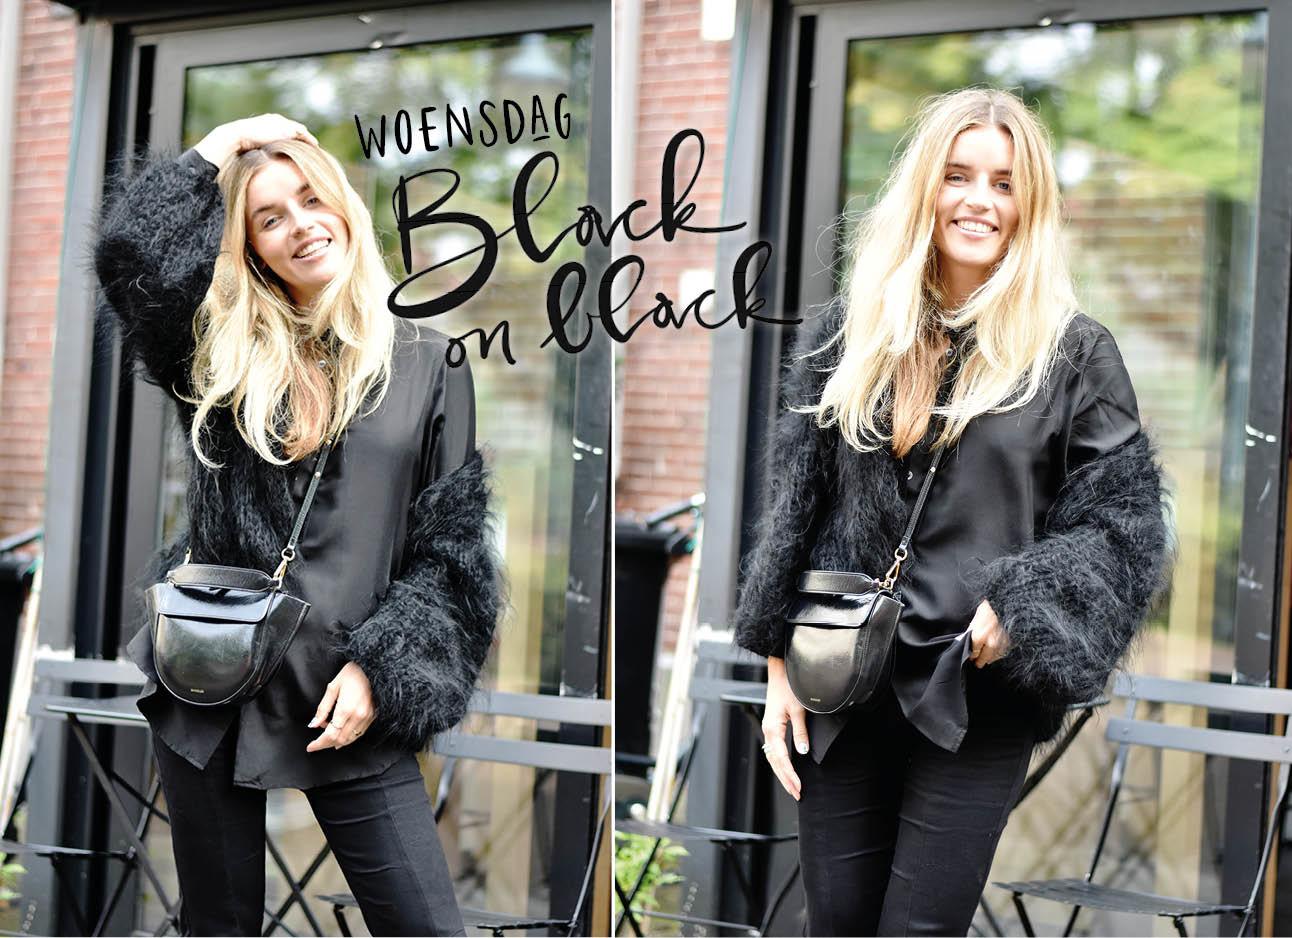 Lotte die een all-black outfit draagt terwijl ze staat voor een stenen gebouw met een groot raam